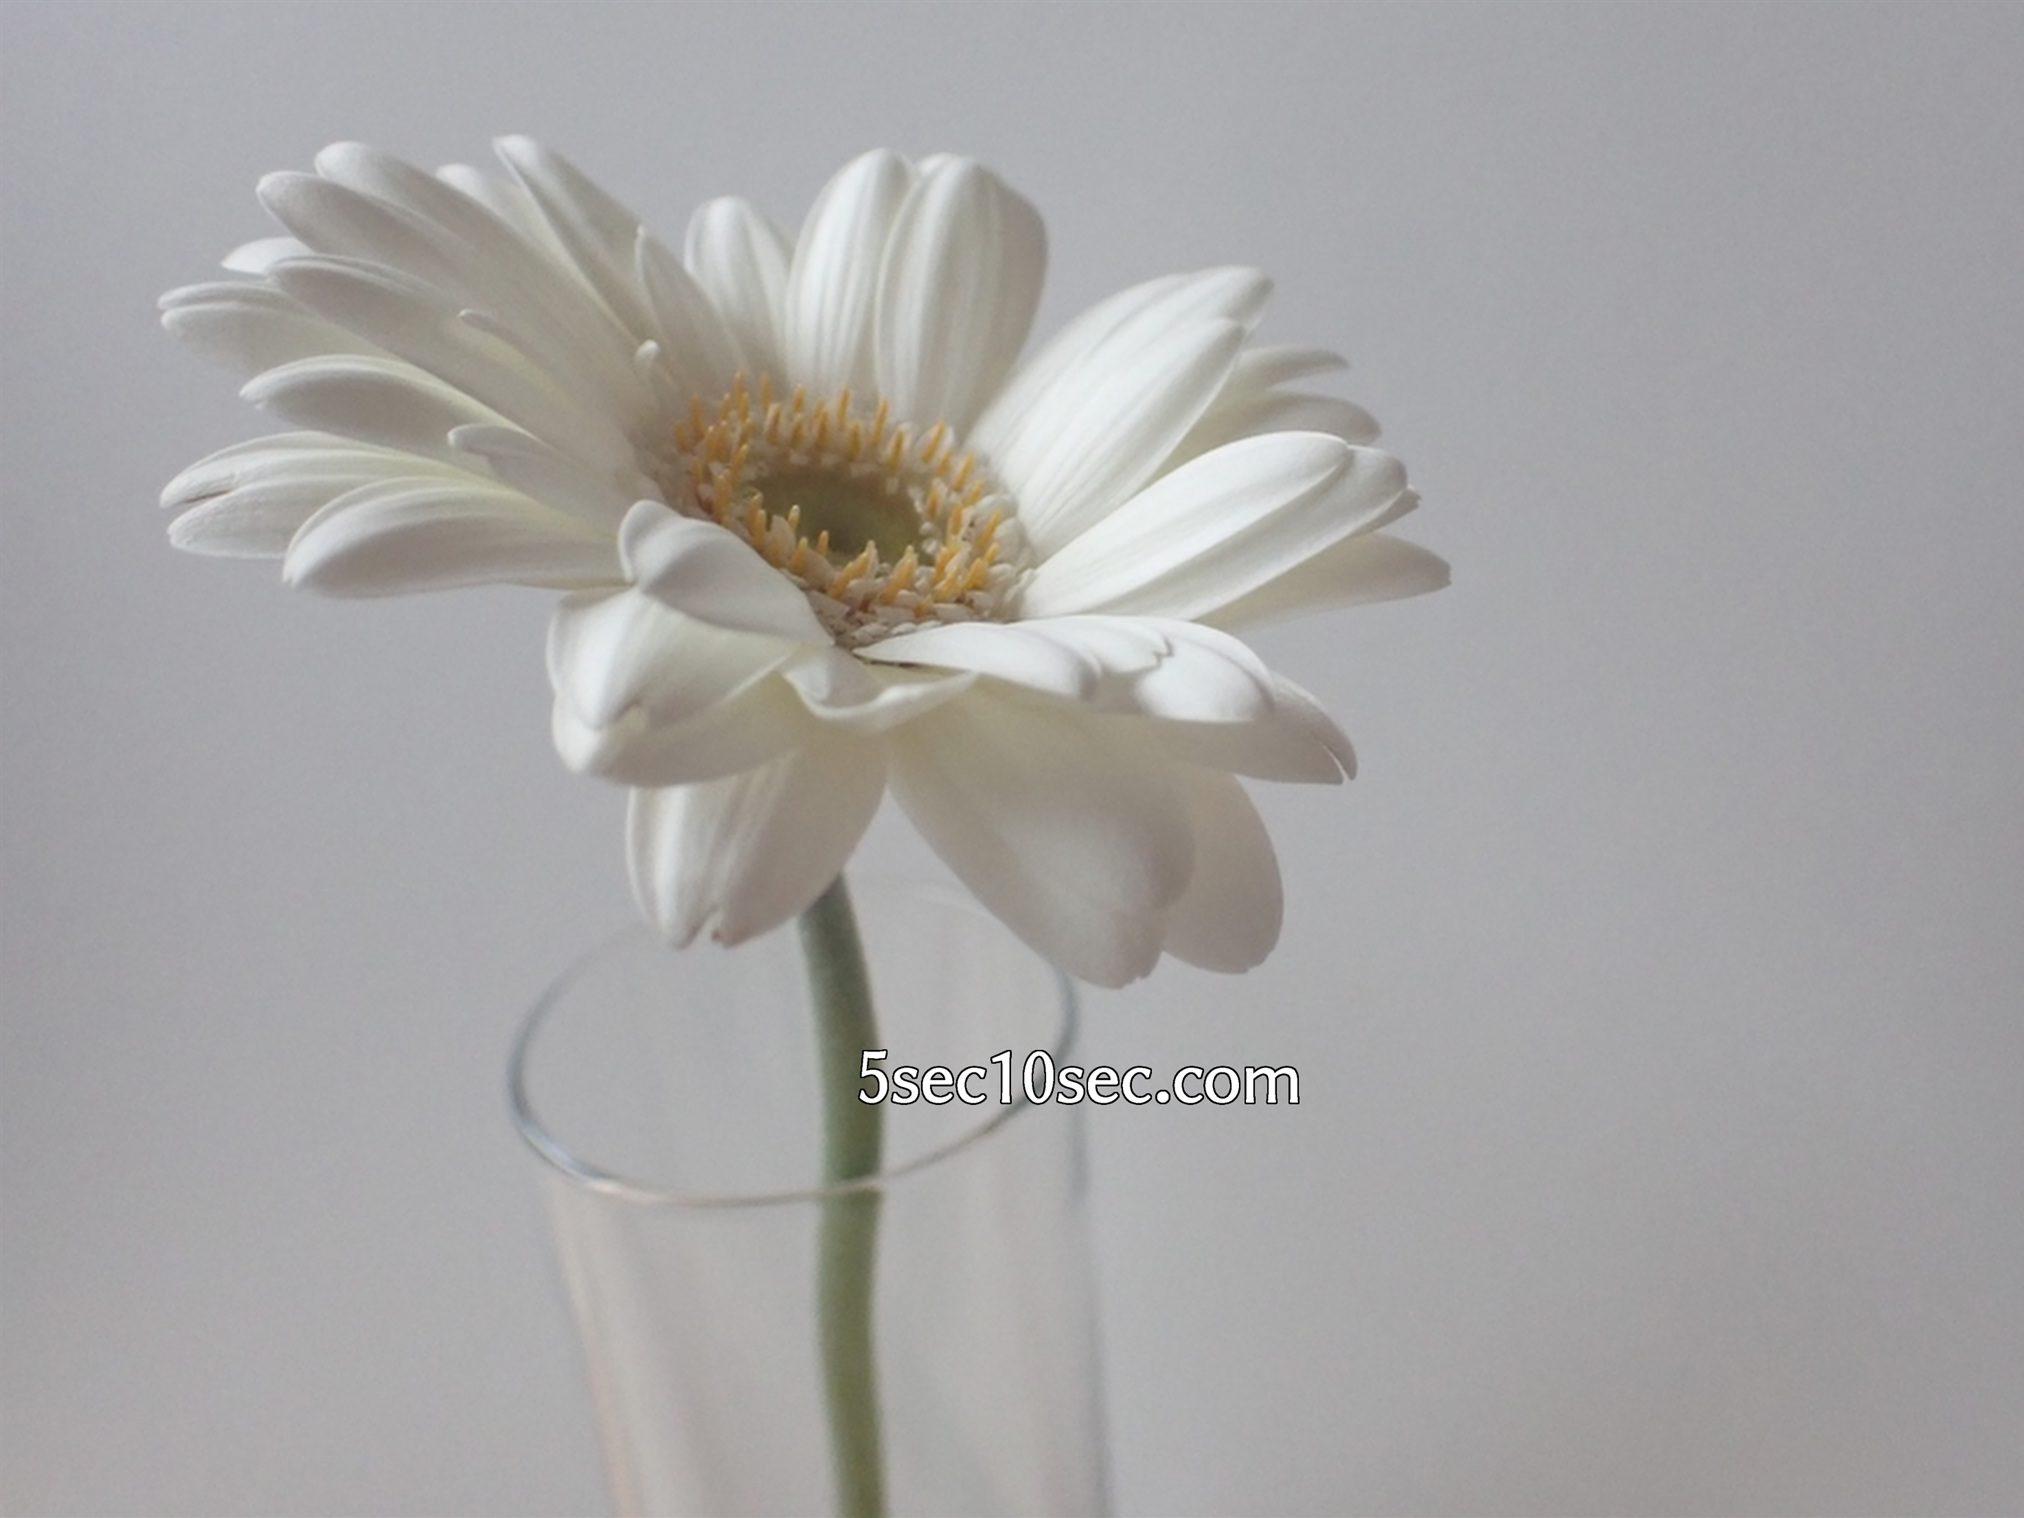 株式会社Crunch Style お花の定期便 Bloomee LIFE ブルーミーライフ 800円のレギュラープラン ガーベラを一輪挿しにするとこういう感じです